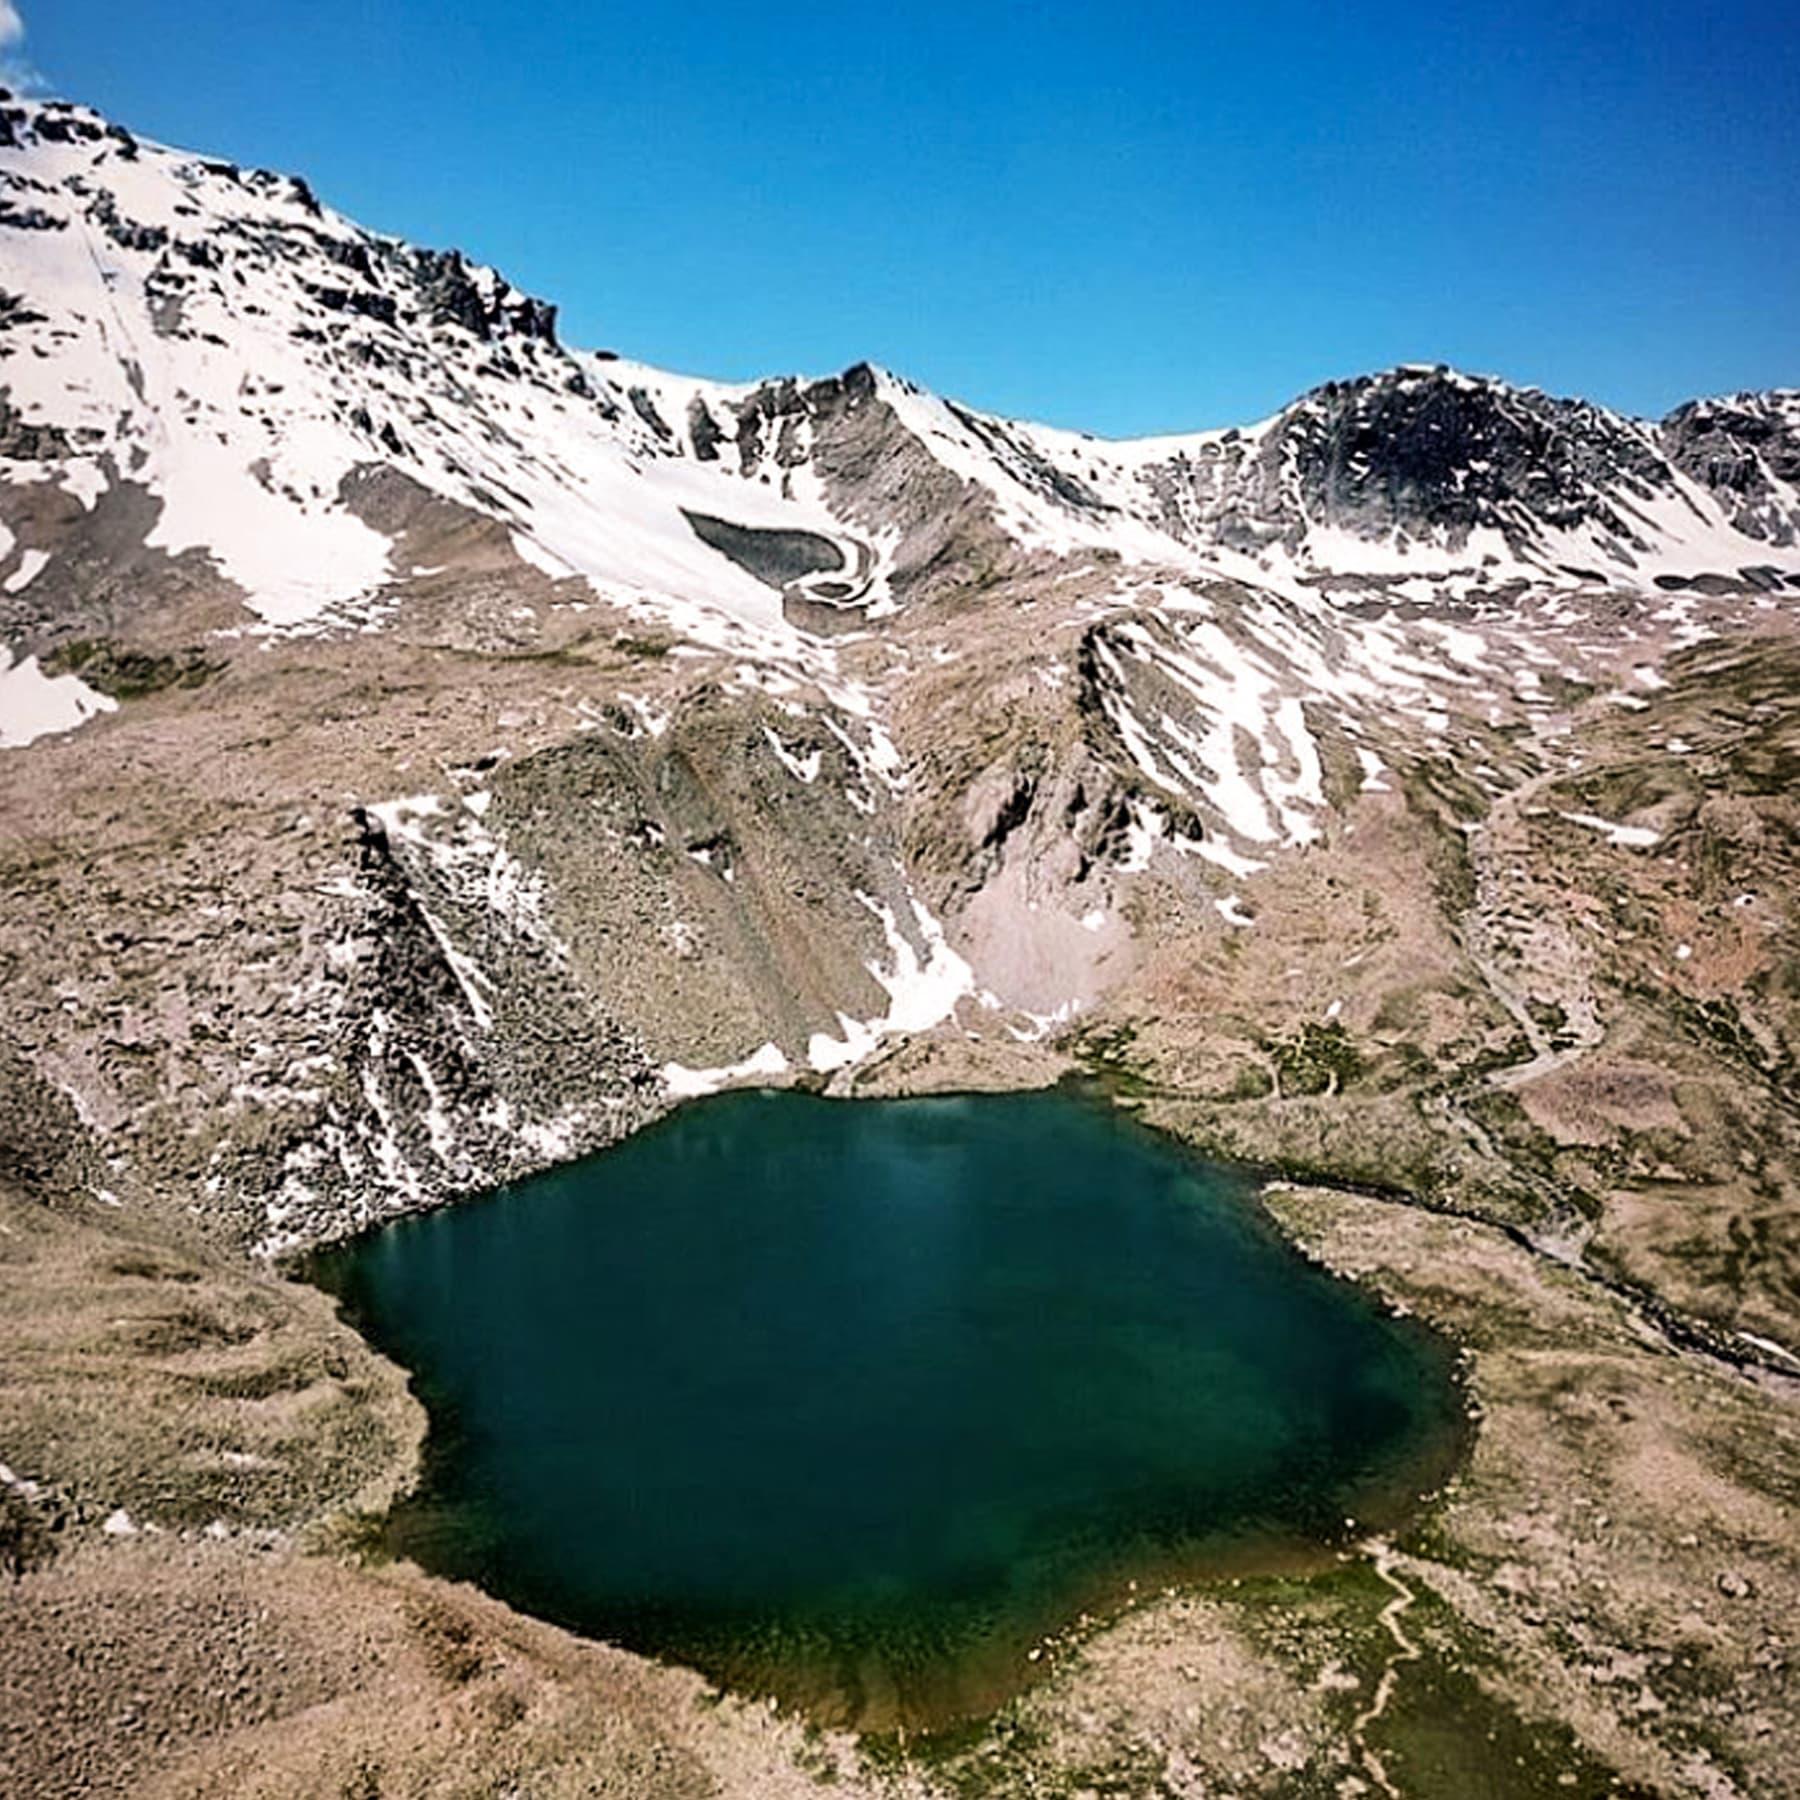 گوگل ارتھ کے مطابق جھیل کی اونچائی 14 ہزار 400 فٹ ہے جو اسے پاکستان کی دوسری بلند ترین کرومبر جھیل سے بھی اونچائی پر واقع جھیل بنا دیتی ہے—تصویر قمر وزیر